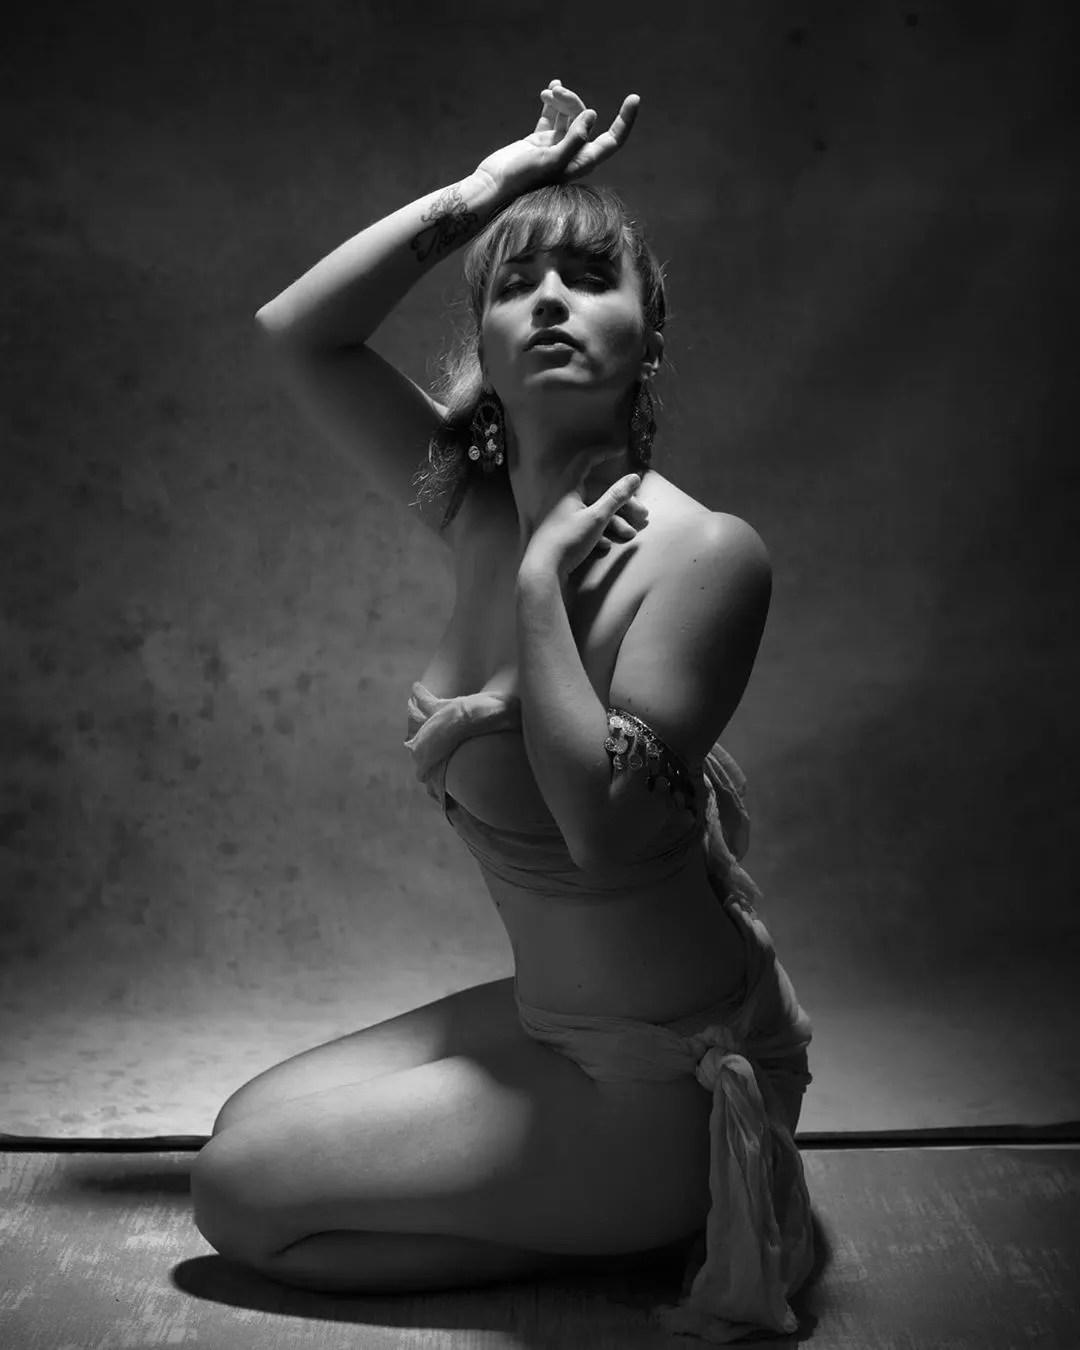 photo mode femme noir et blanc instagram influencer colaboration photo photographe paris